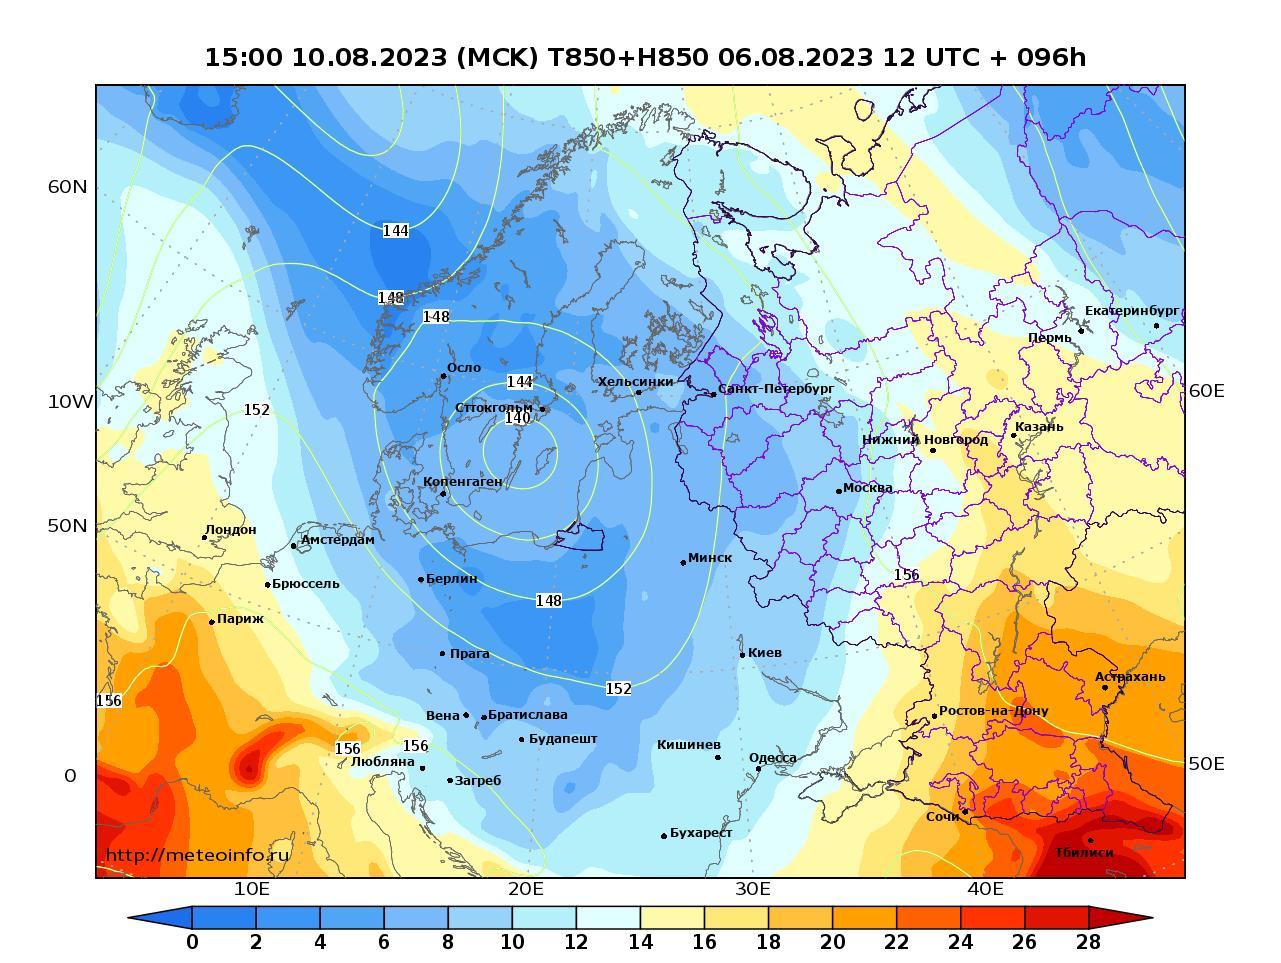 Европейская территория России, прогностическая карта температура T850 и геопотенциал H850, заблаговременность прогноза 96 часов